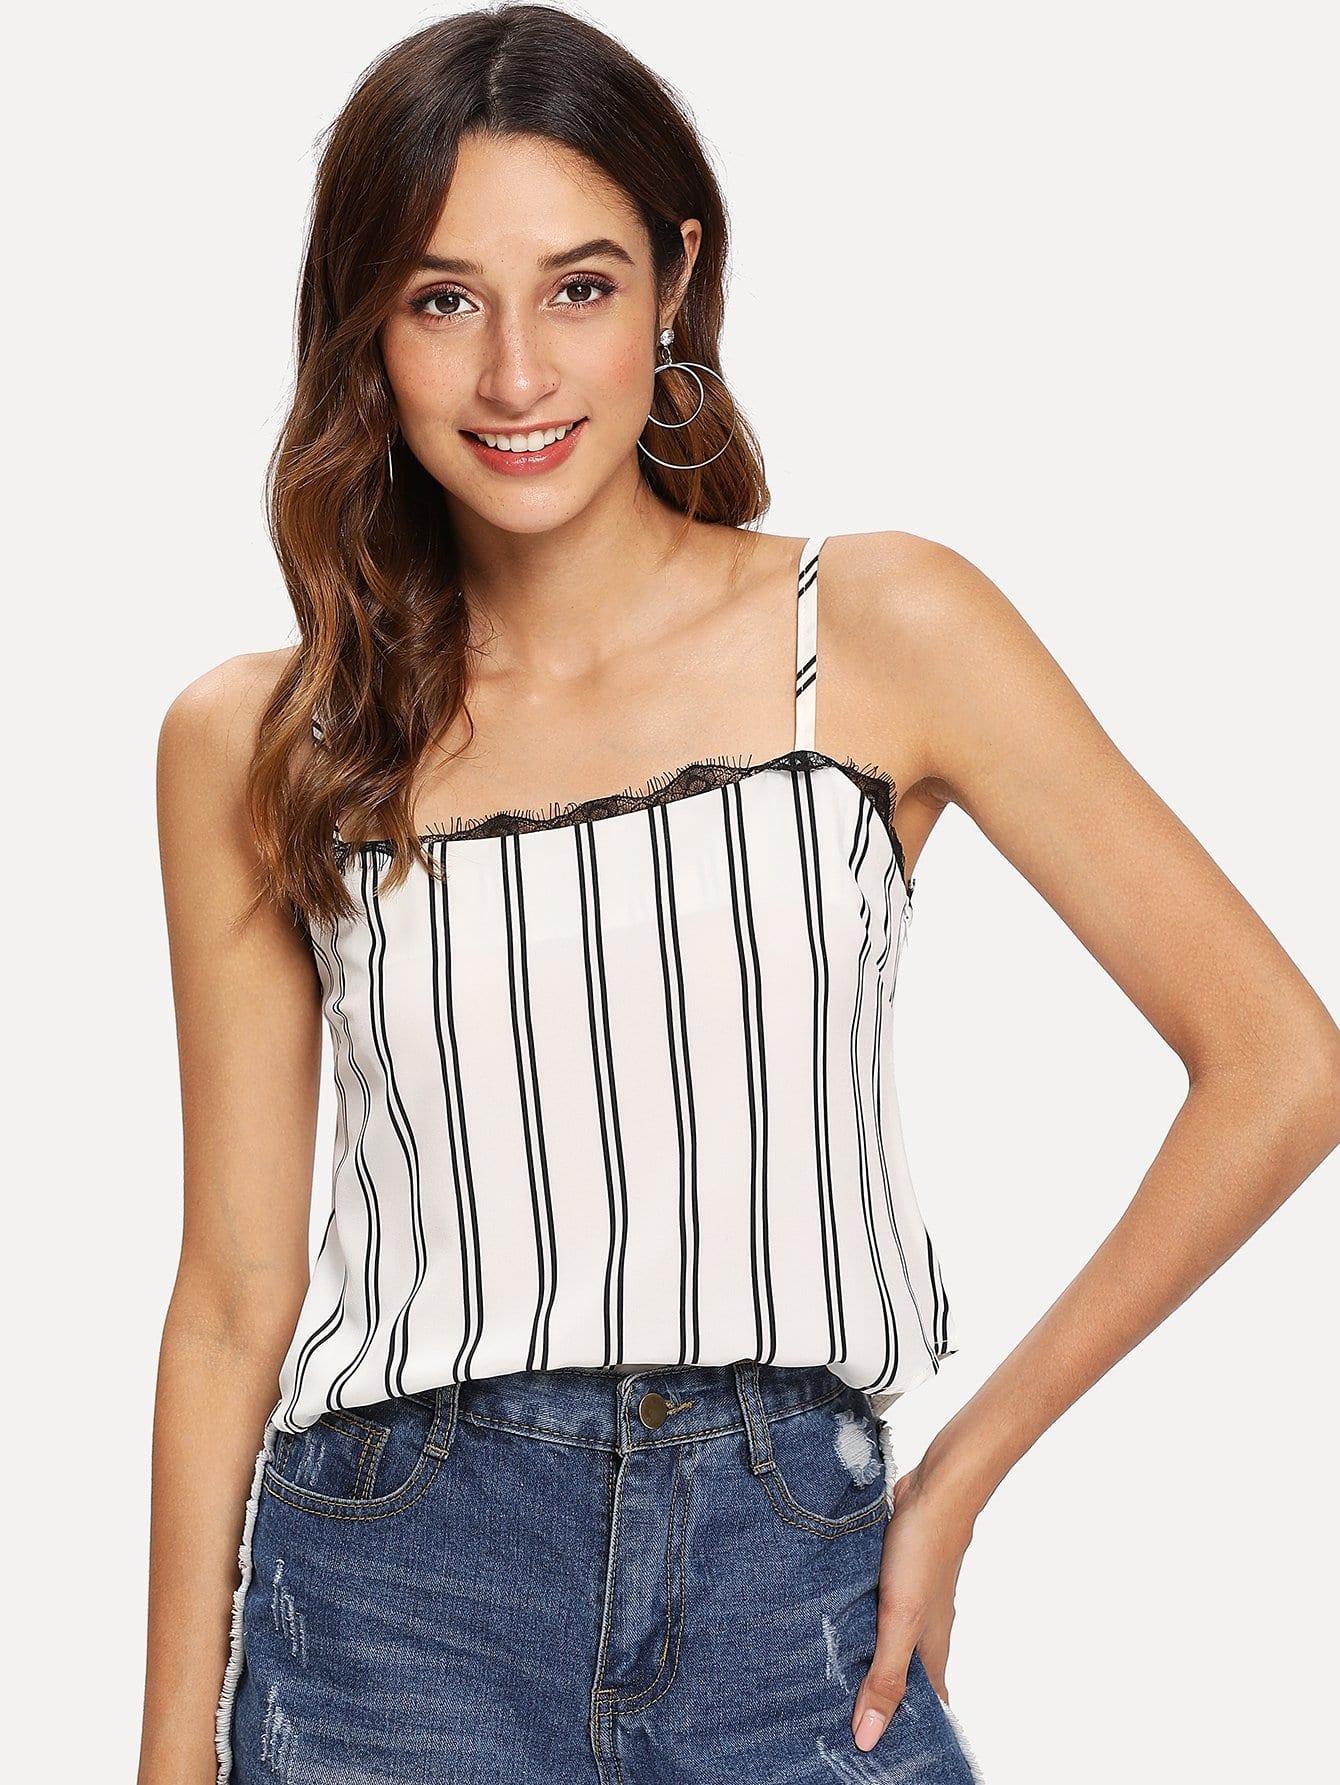 Купить Обегающая полосатая кружевная блузка, Gabi B, SheIn